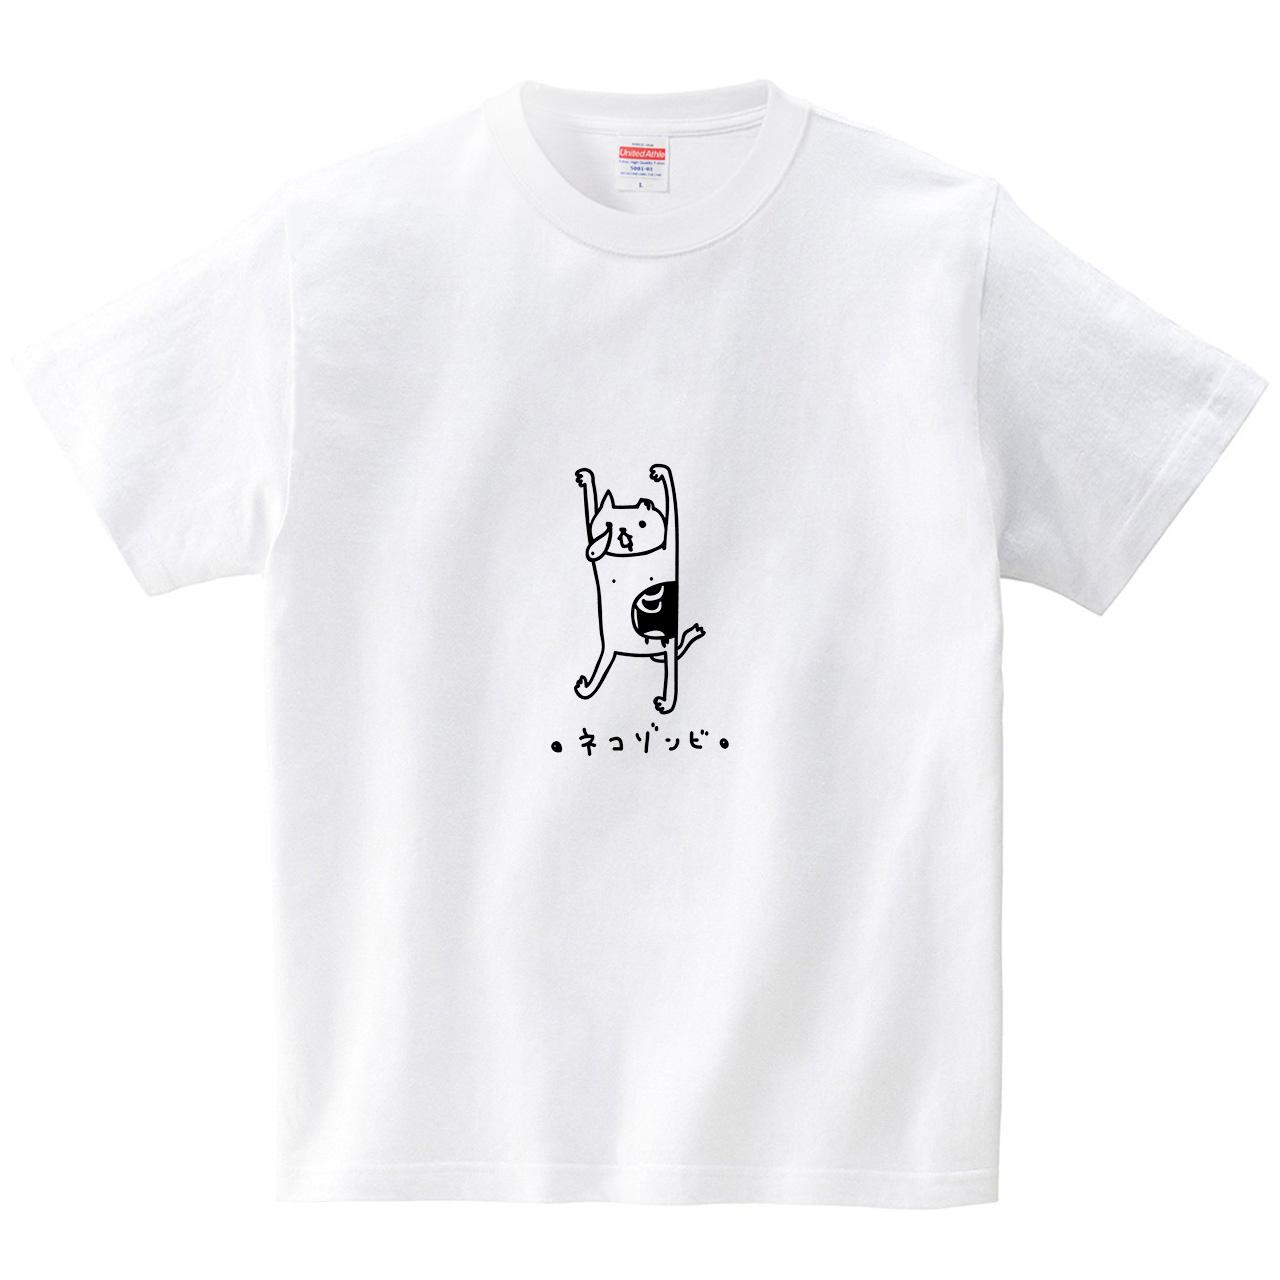 ネコゾンビ(Tシャツ・ホワイト)(オワリ)